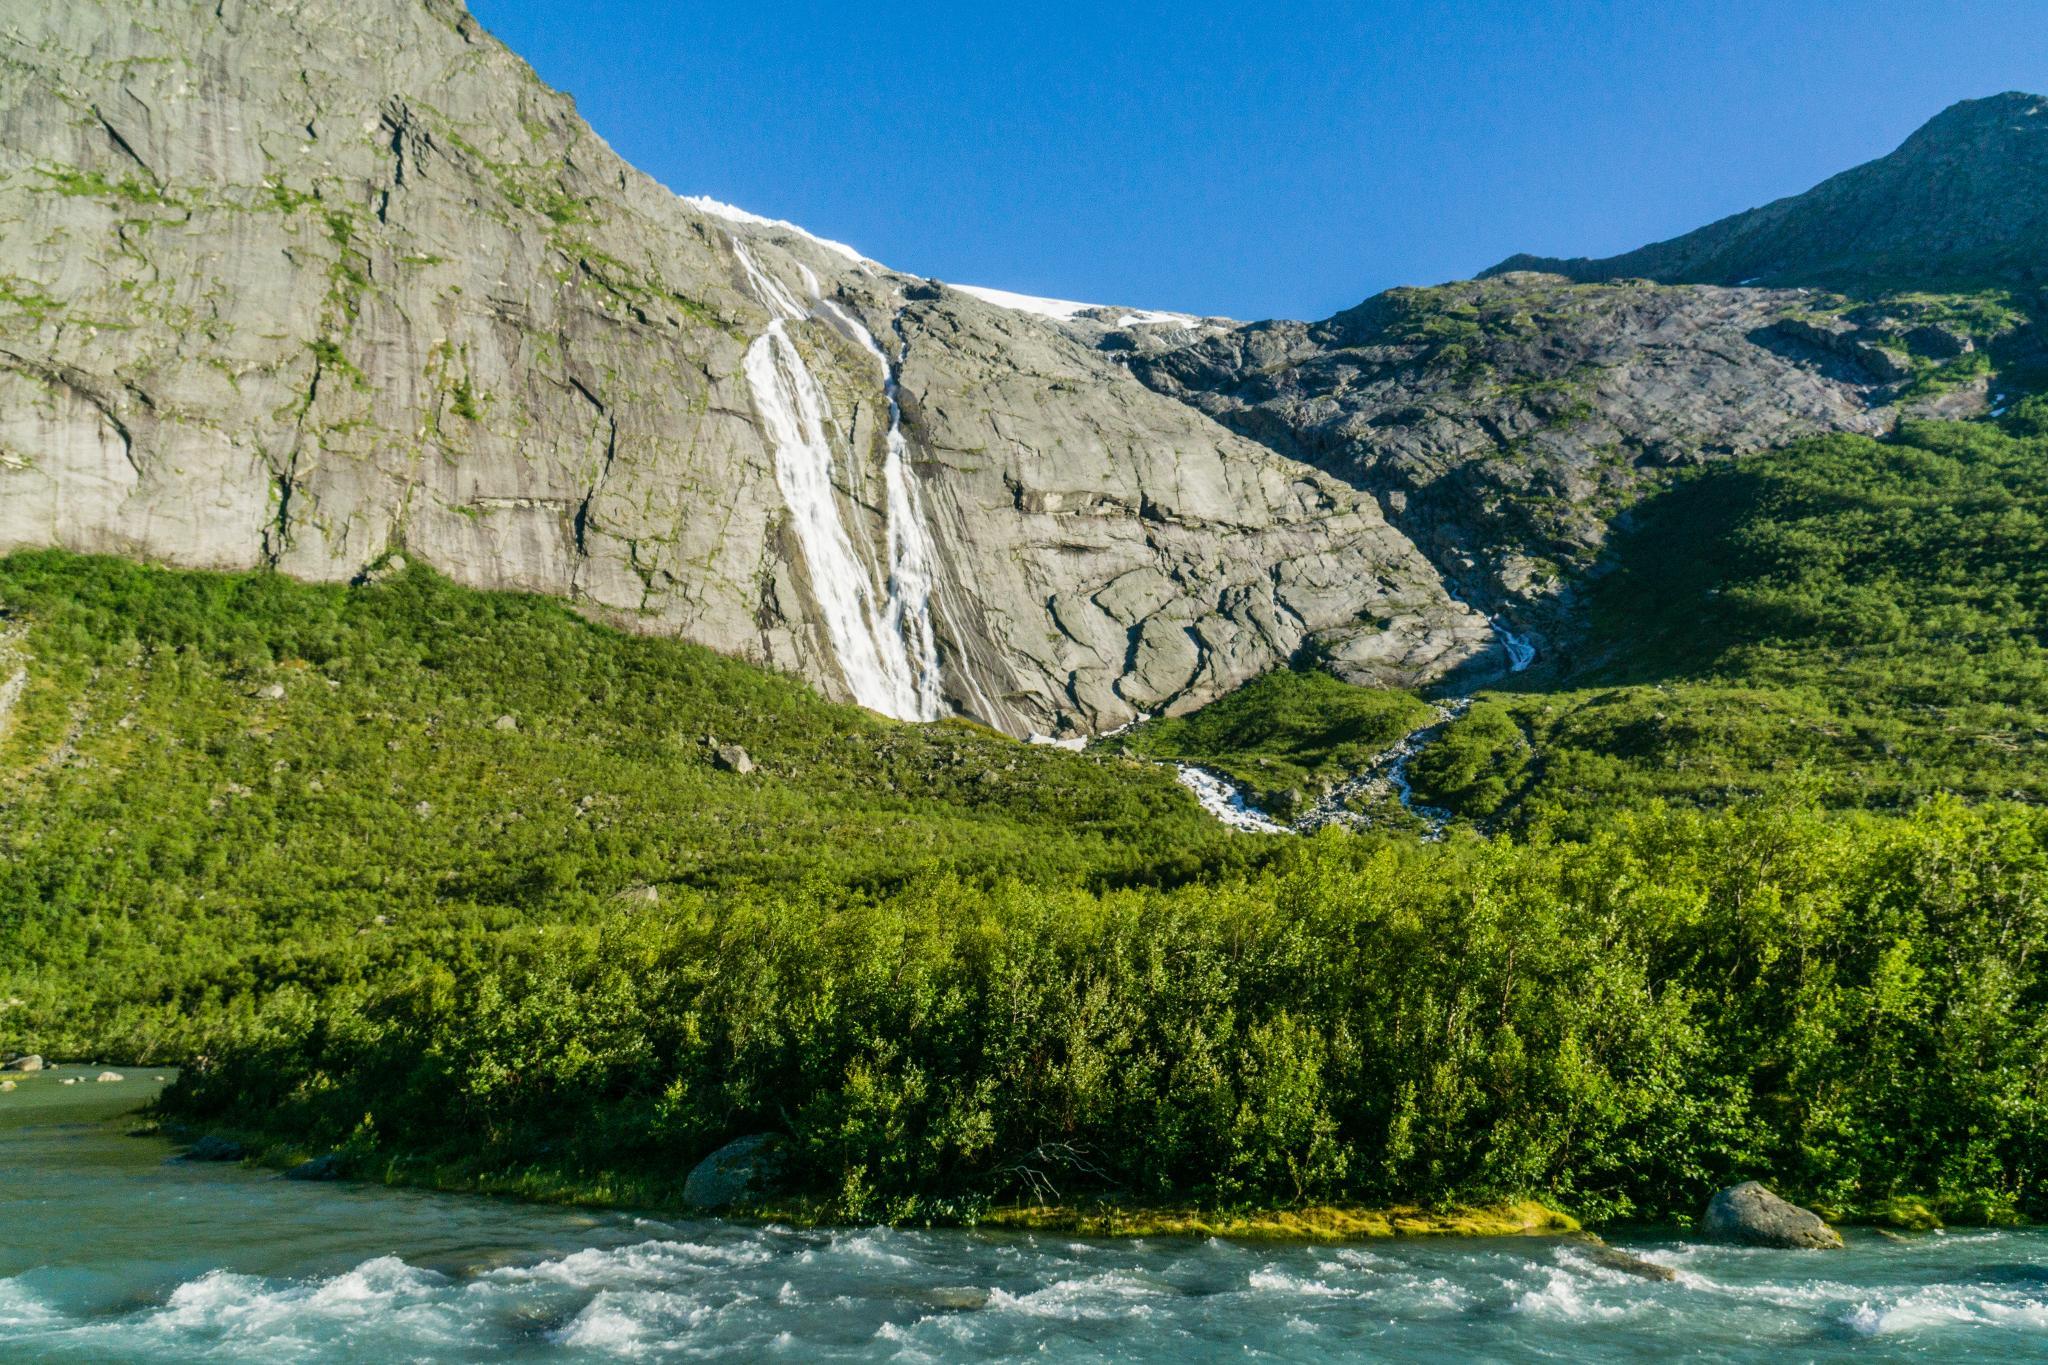 【北歐景點】挪威散步看冰川 - Briksdal Glacier 逐漸消融的冰河哀愁 8